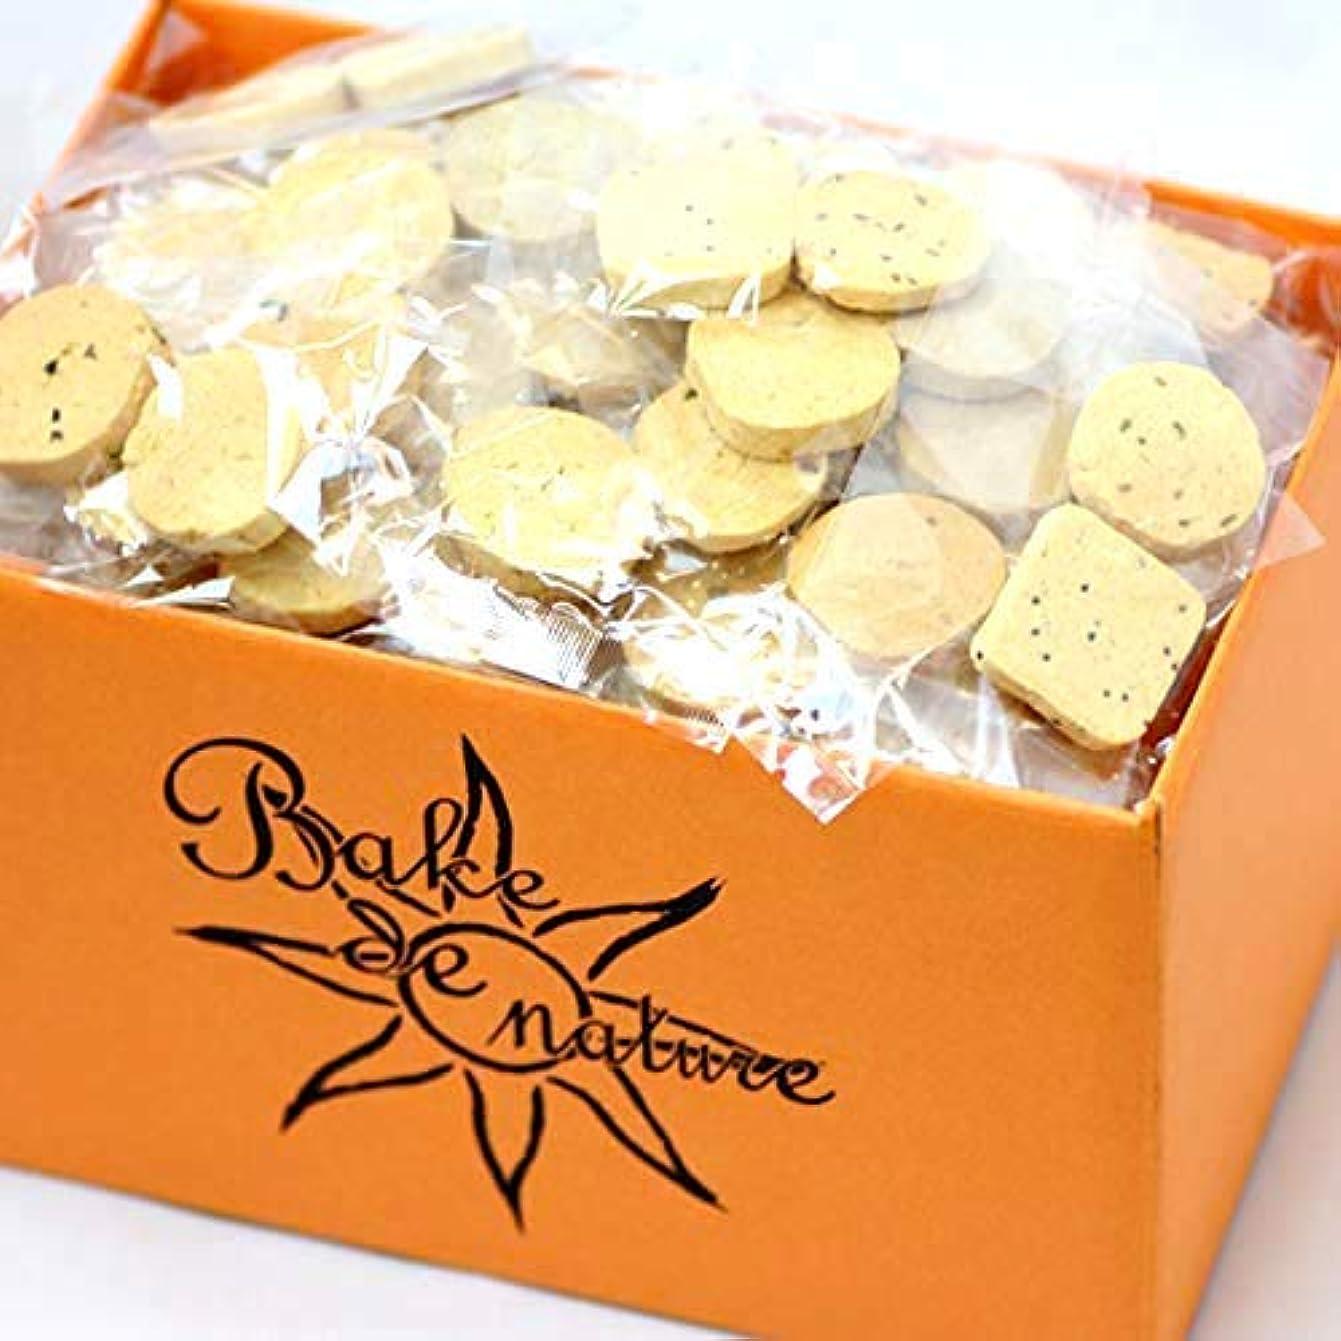 作り上げる借りるれるスーパーフード豆乳おからクッキー (10種類MIX) 1袋 1kg (個包装) 小麦粉不使用のダイエットクッキー